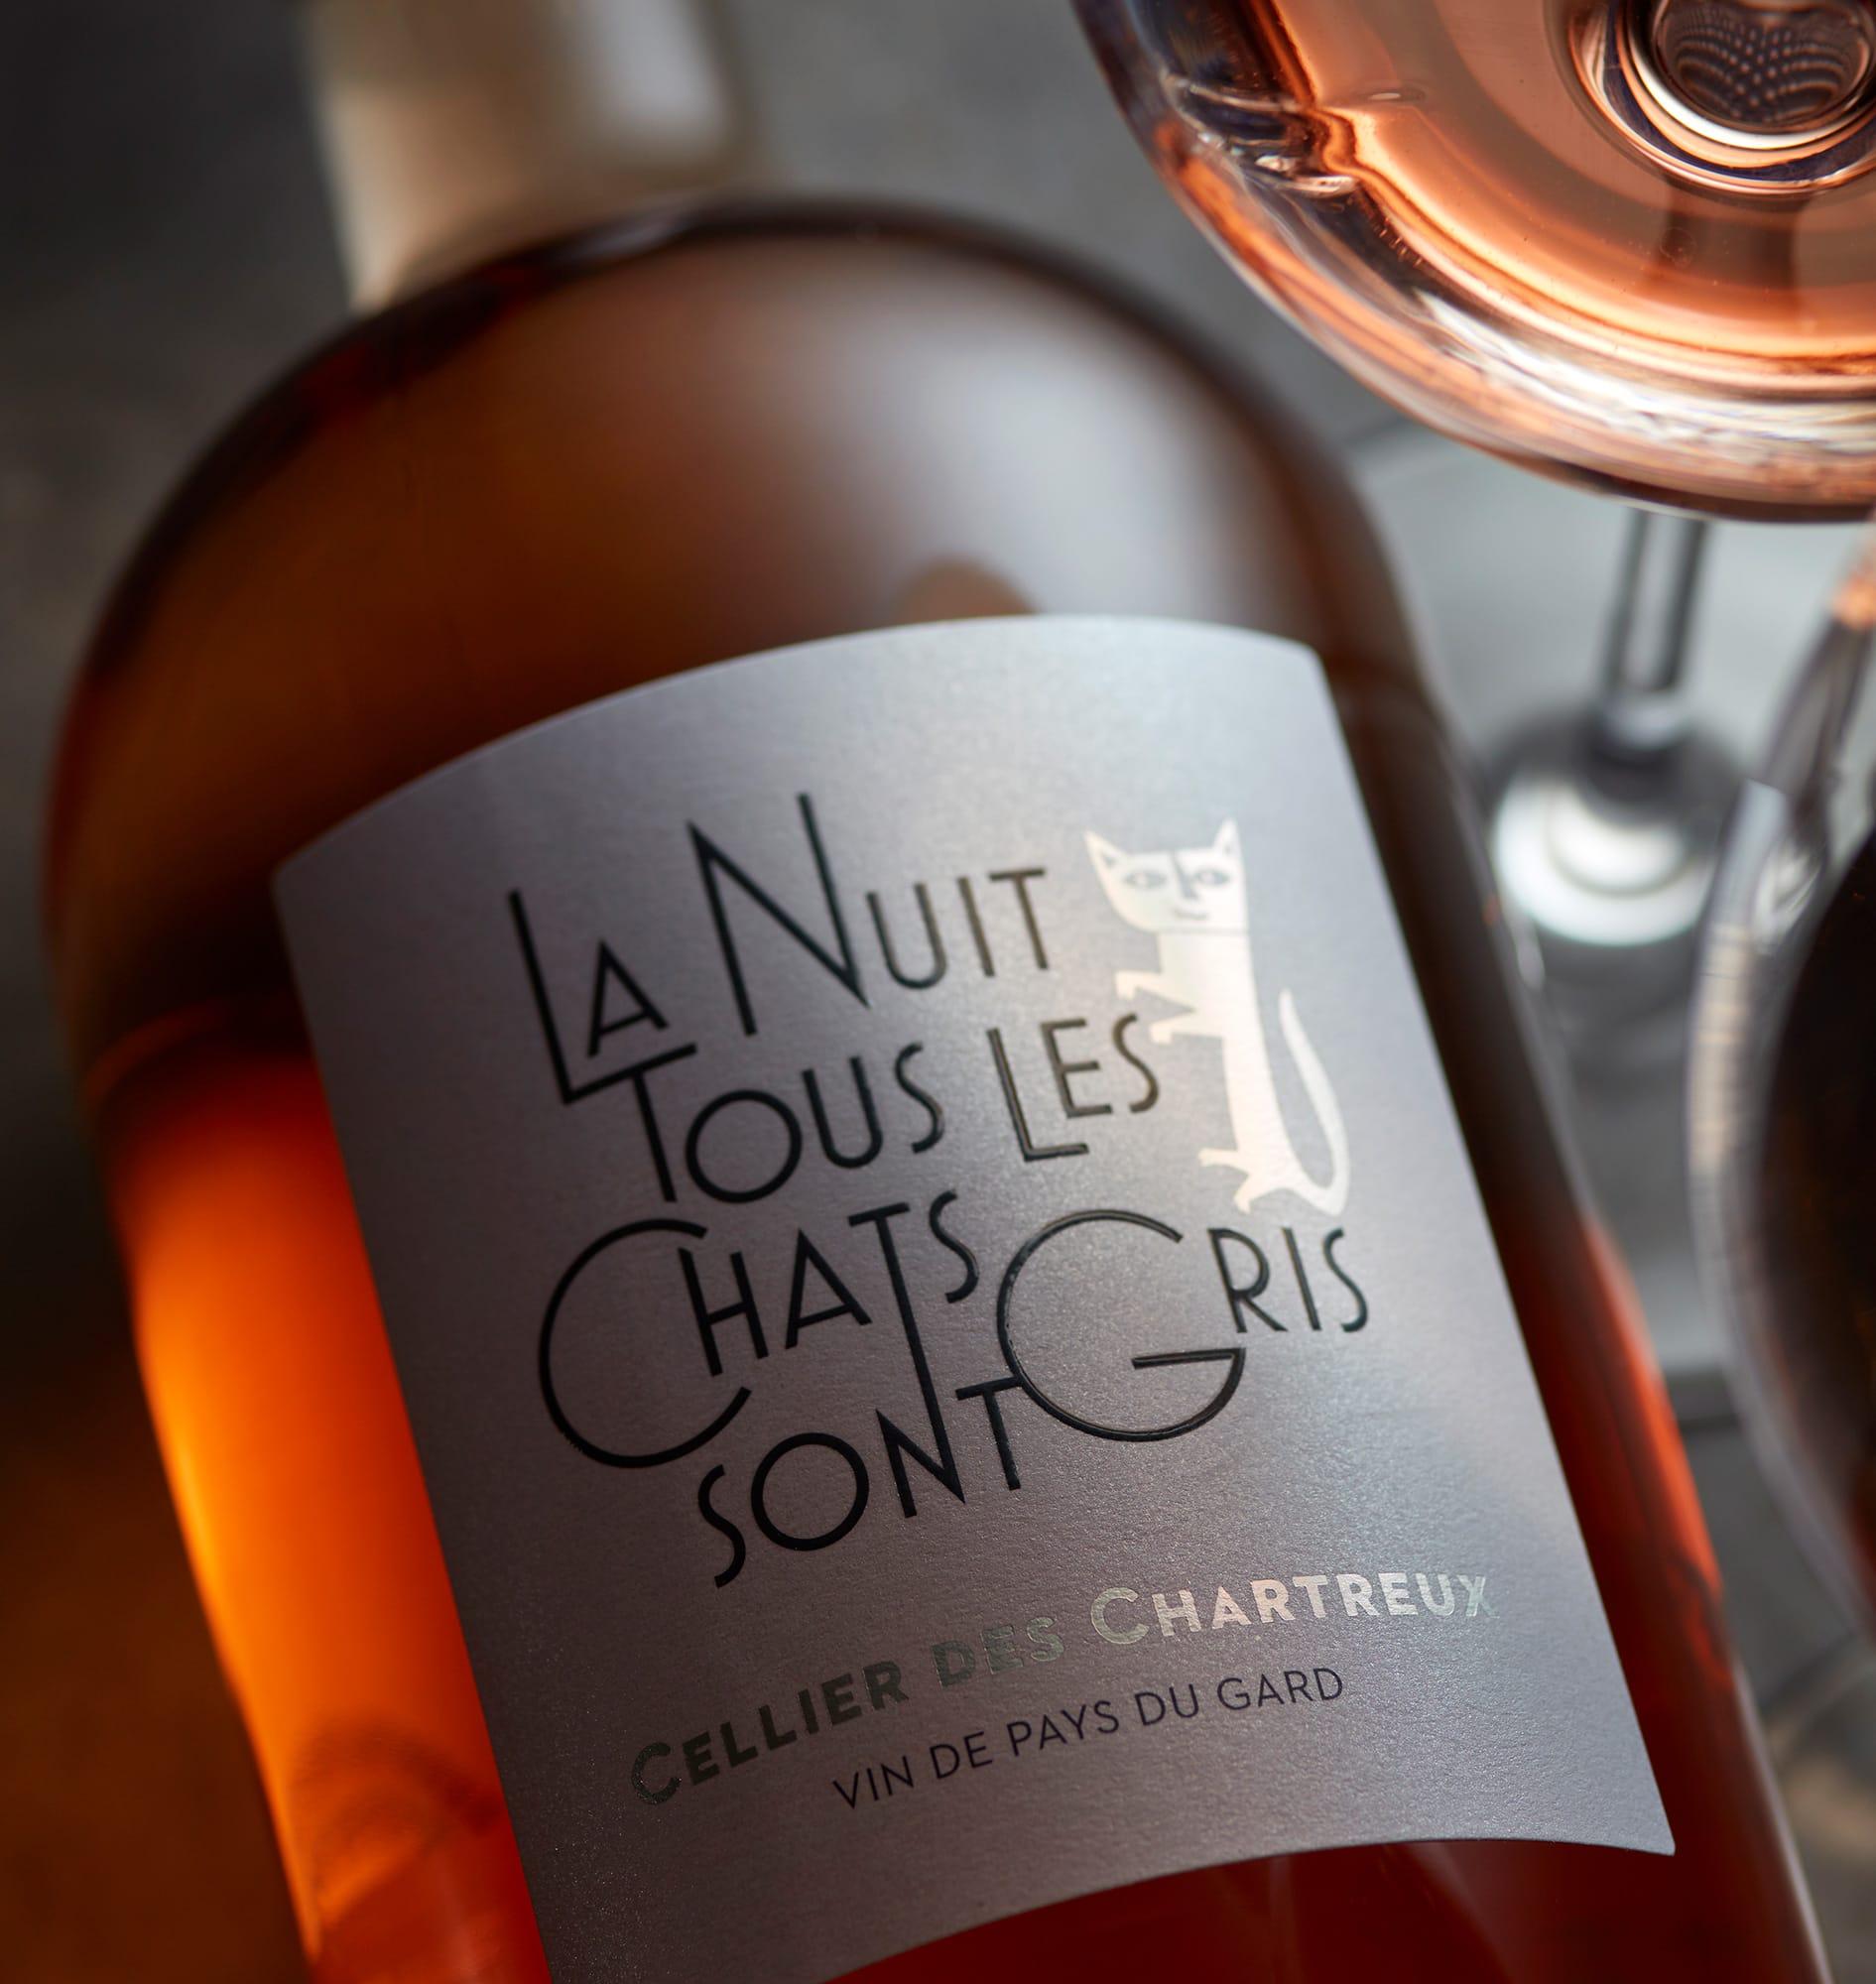 cellier_des_chartreux_chats-sont-gris-rose